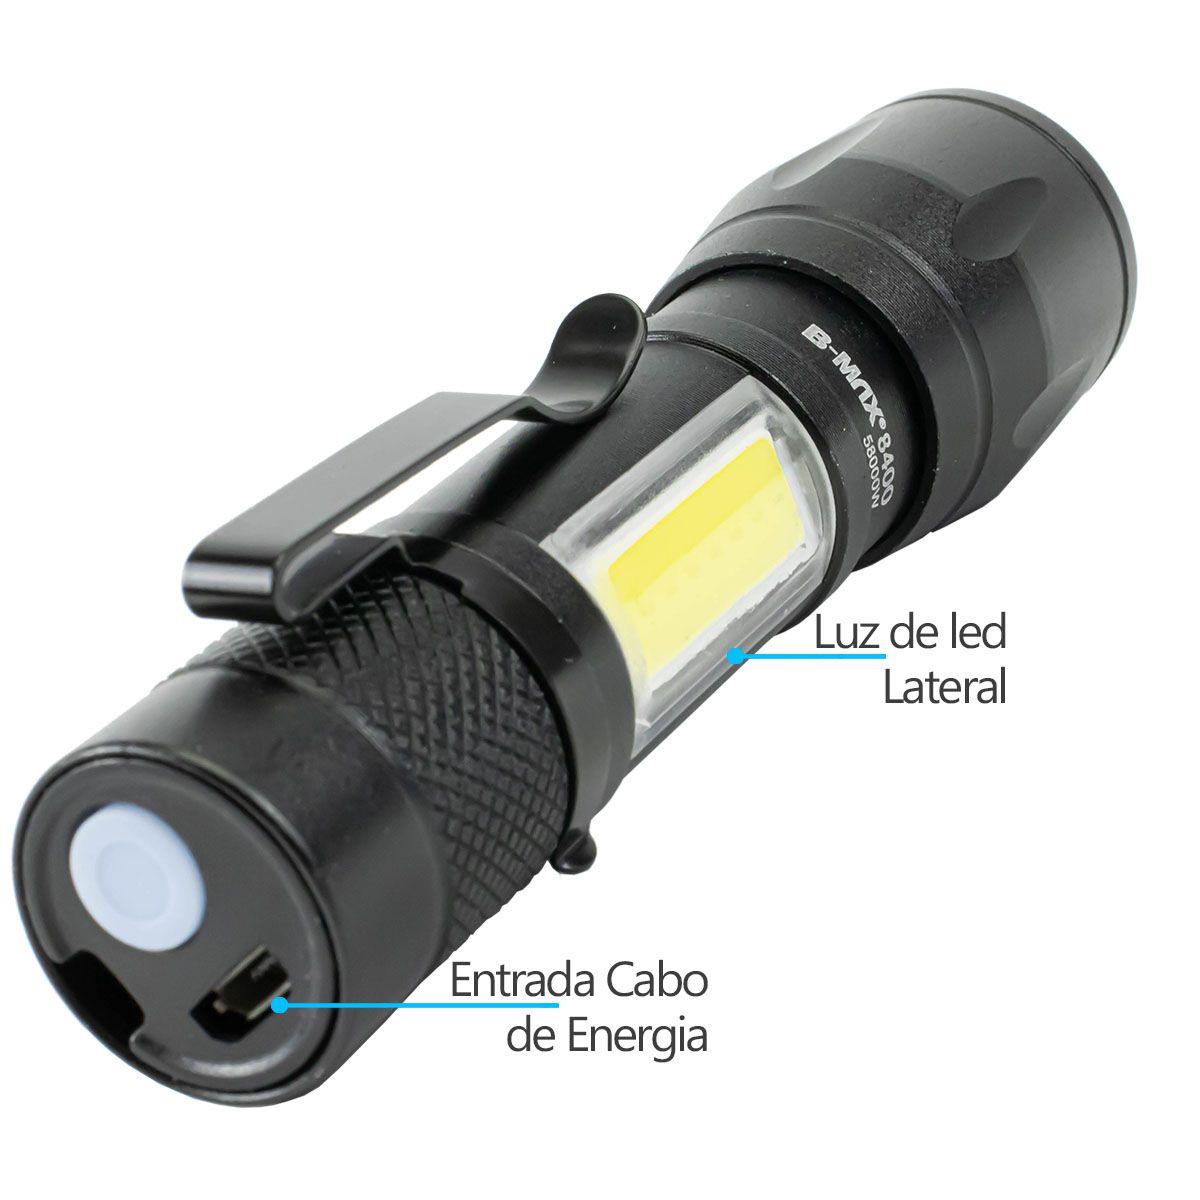 KIT 2x Lanterna Led Mini Recarregável via Usb B-Max BM8400